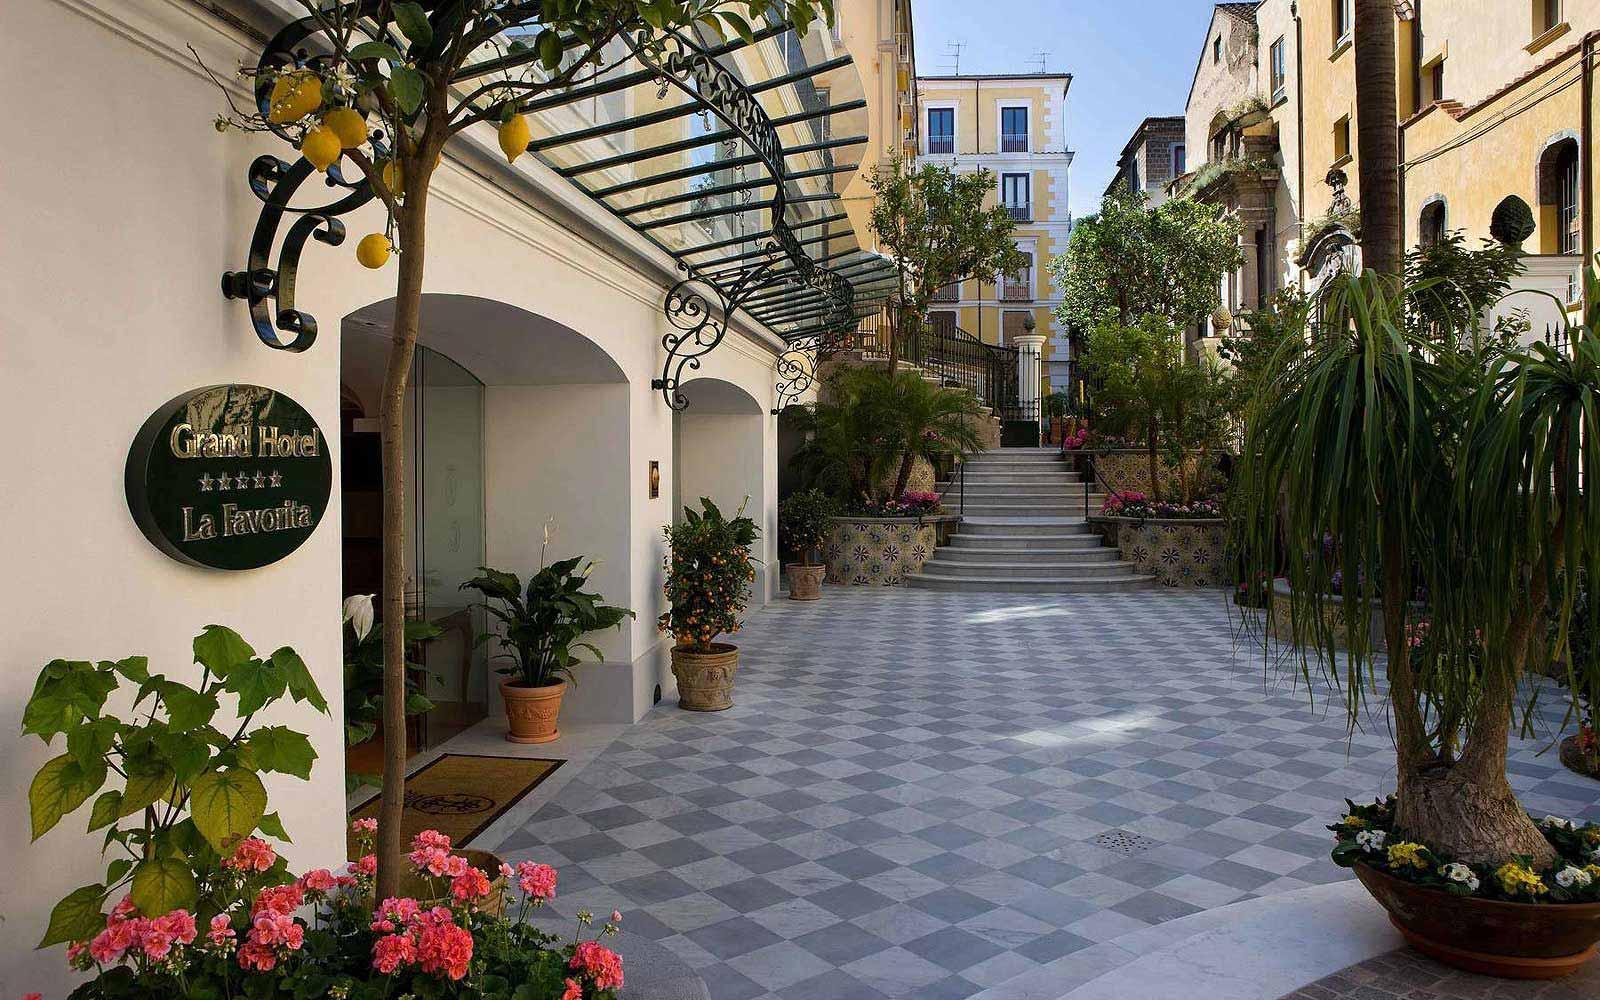 Entrance to the Grand Hotel La Favorita